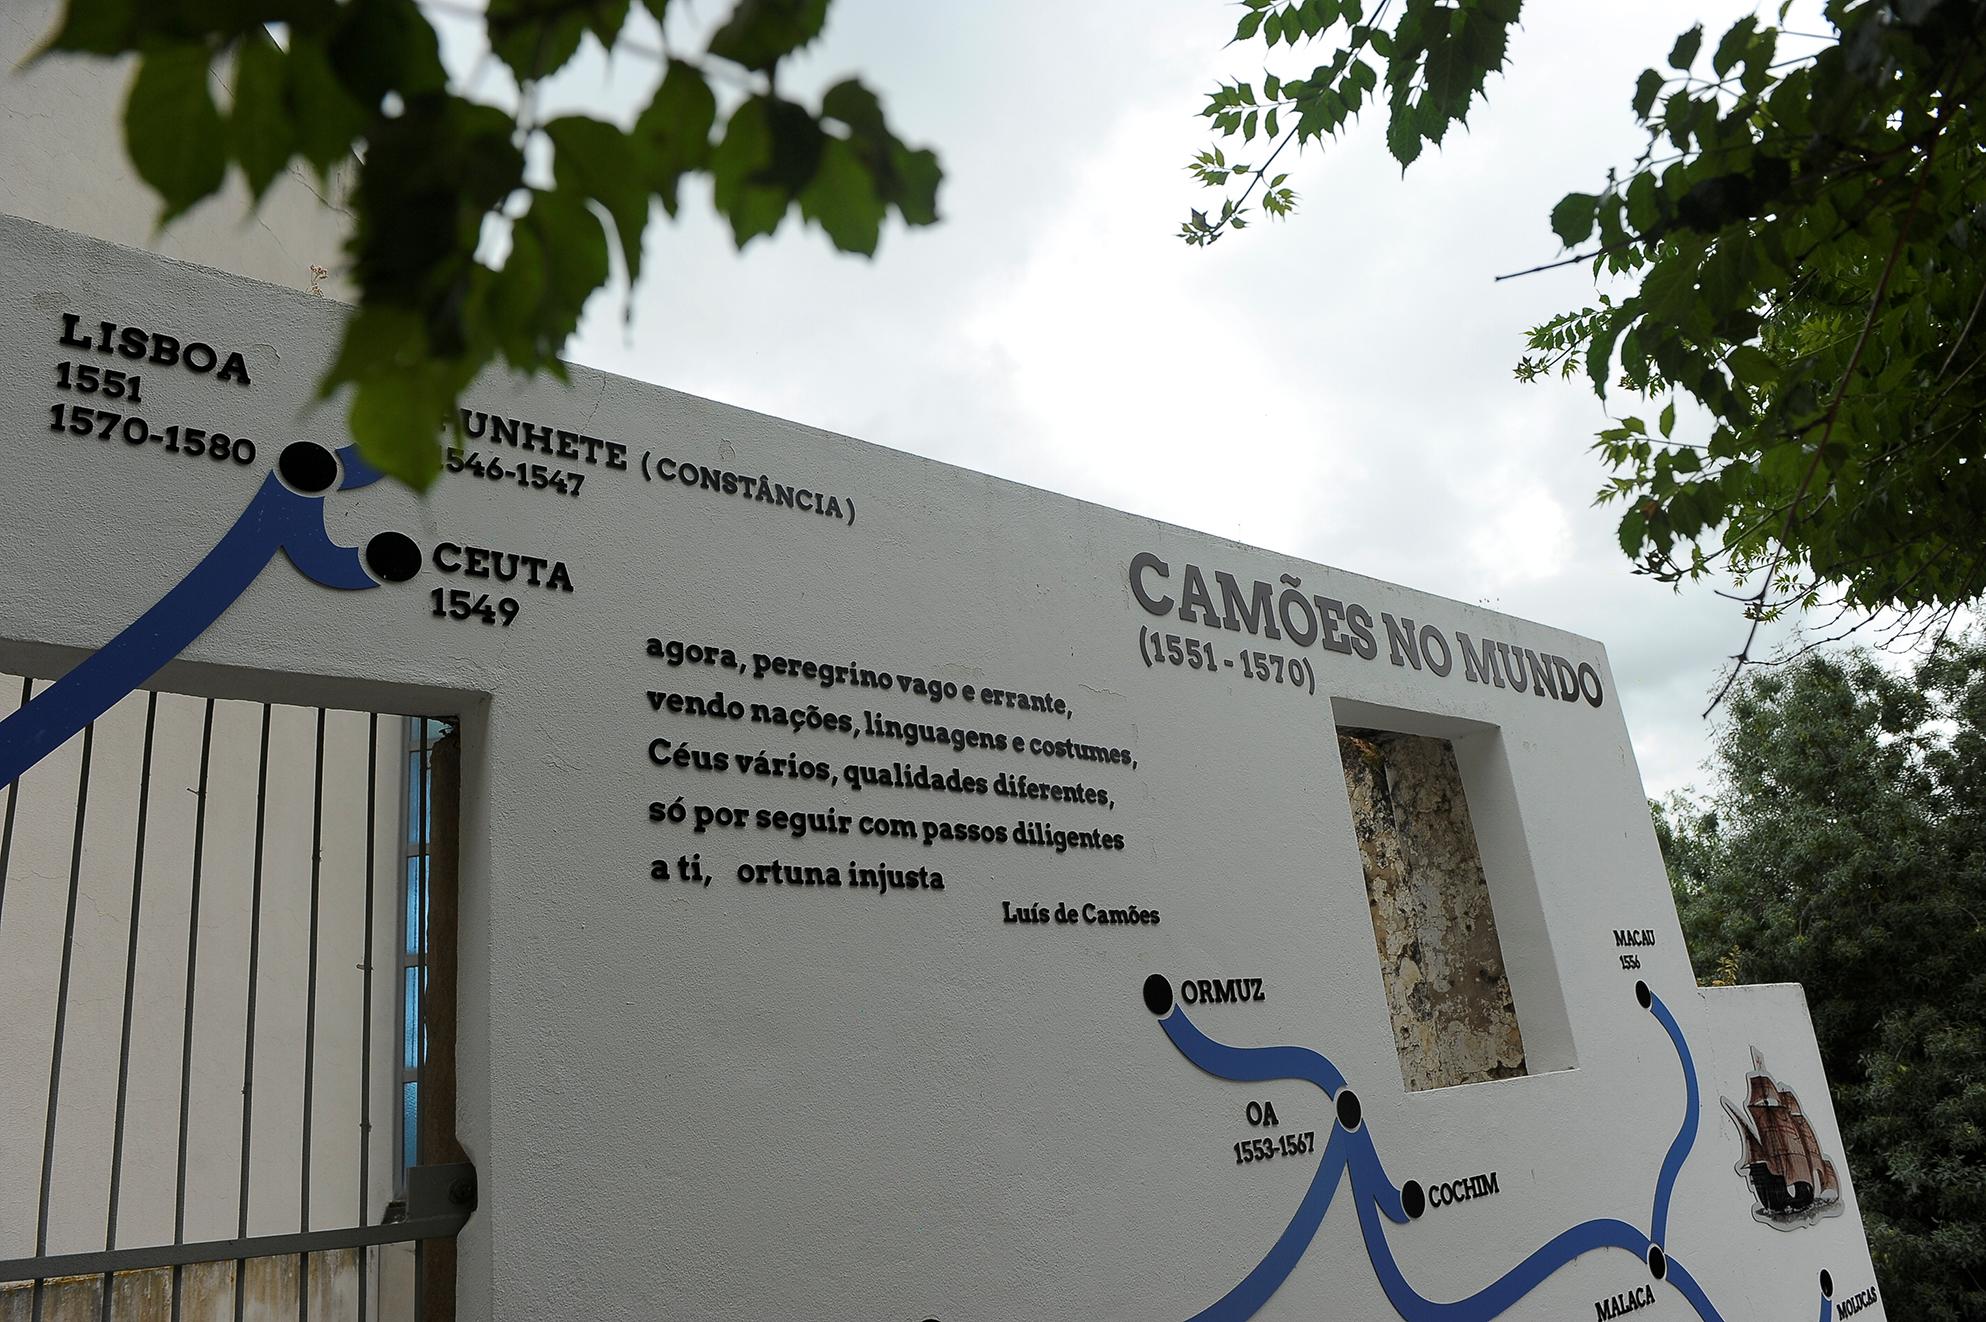 fachada do edifício da Casa Camões em Constância